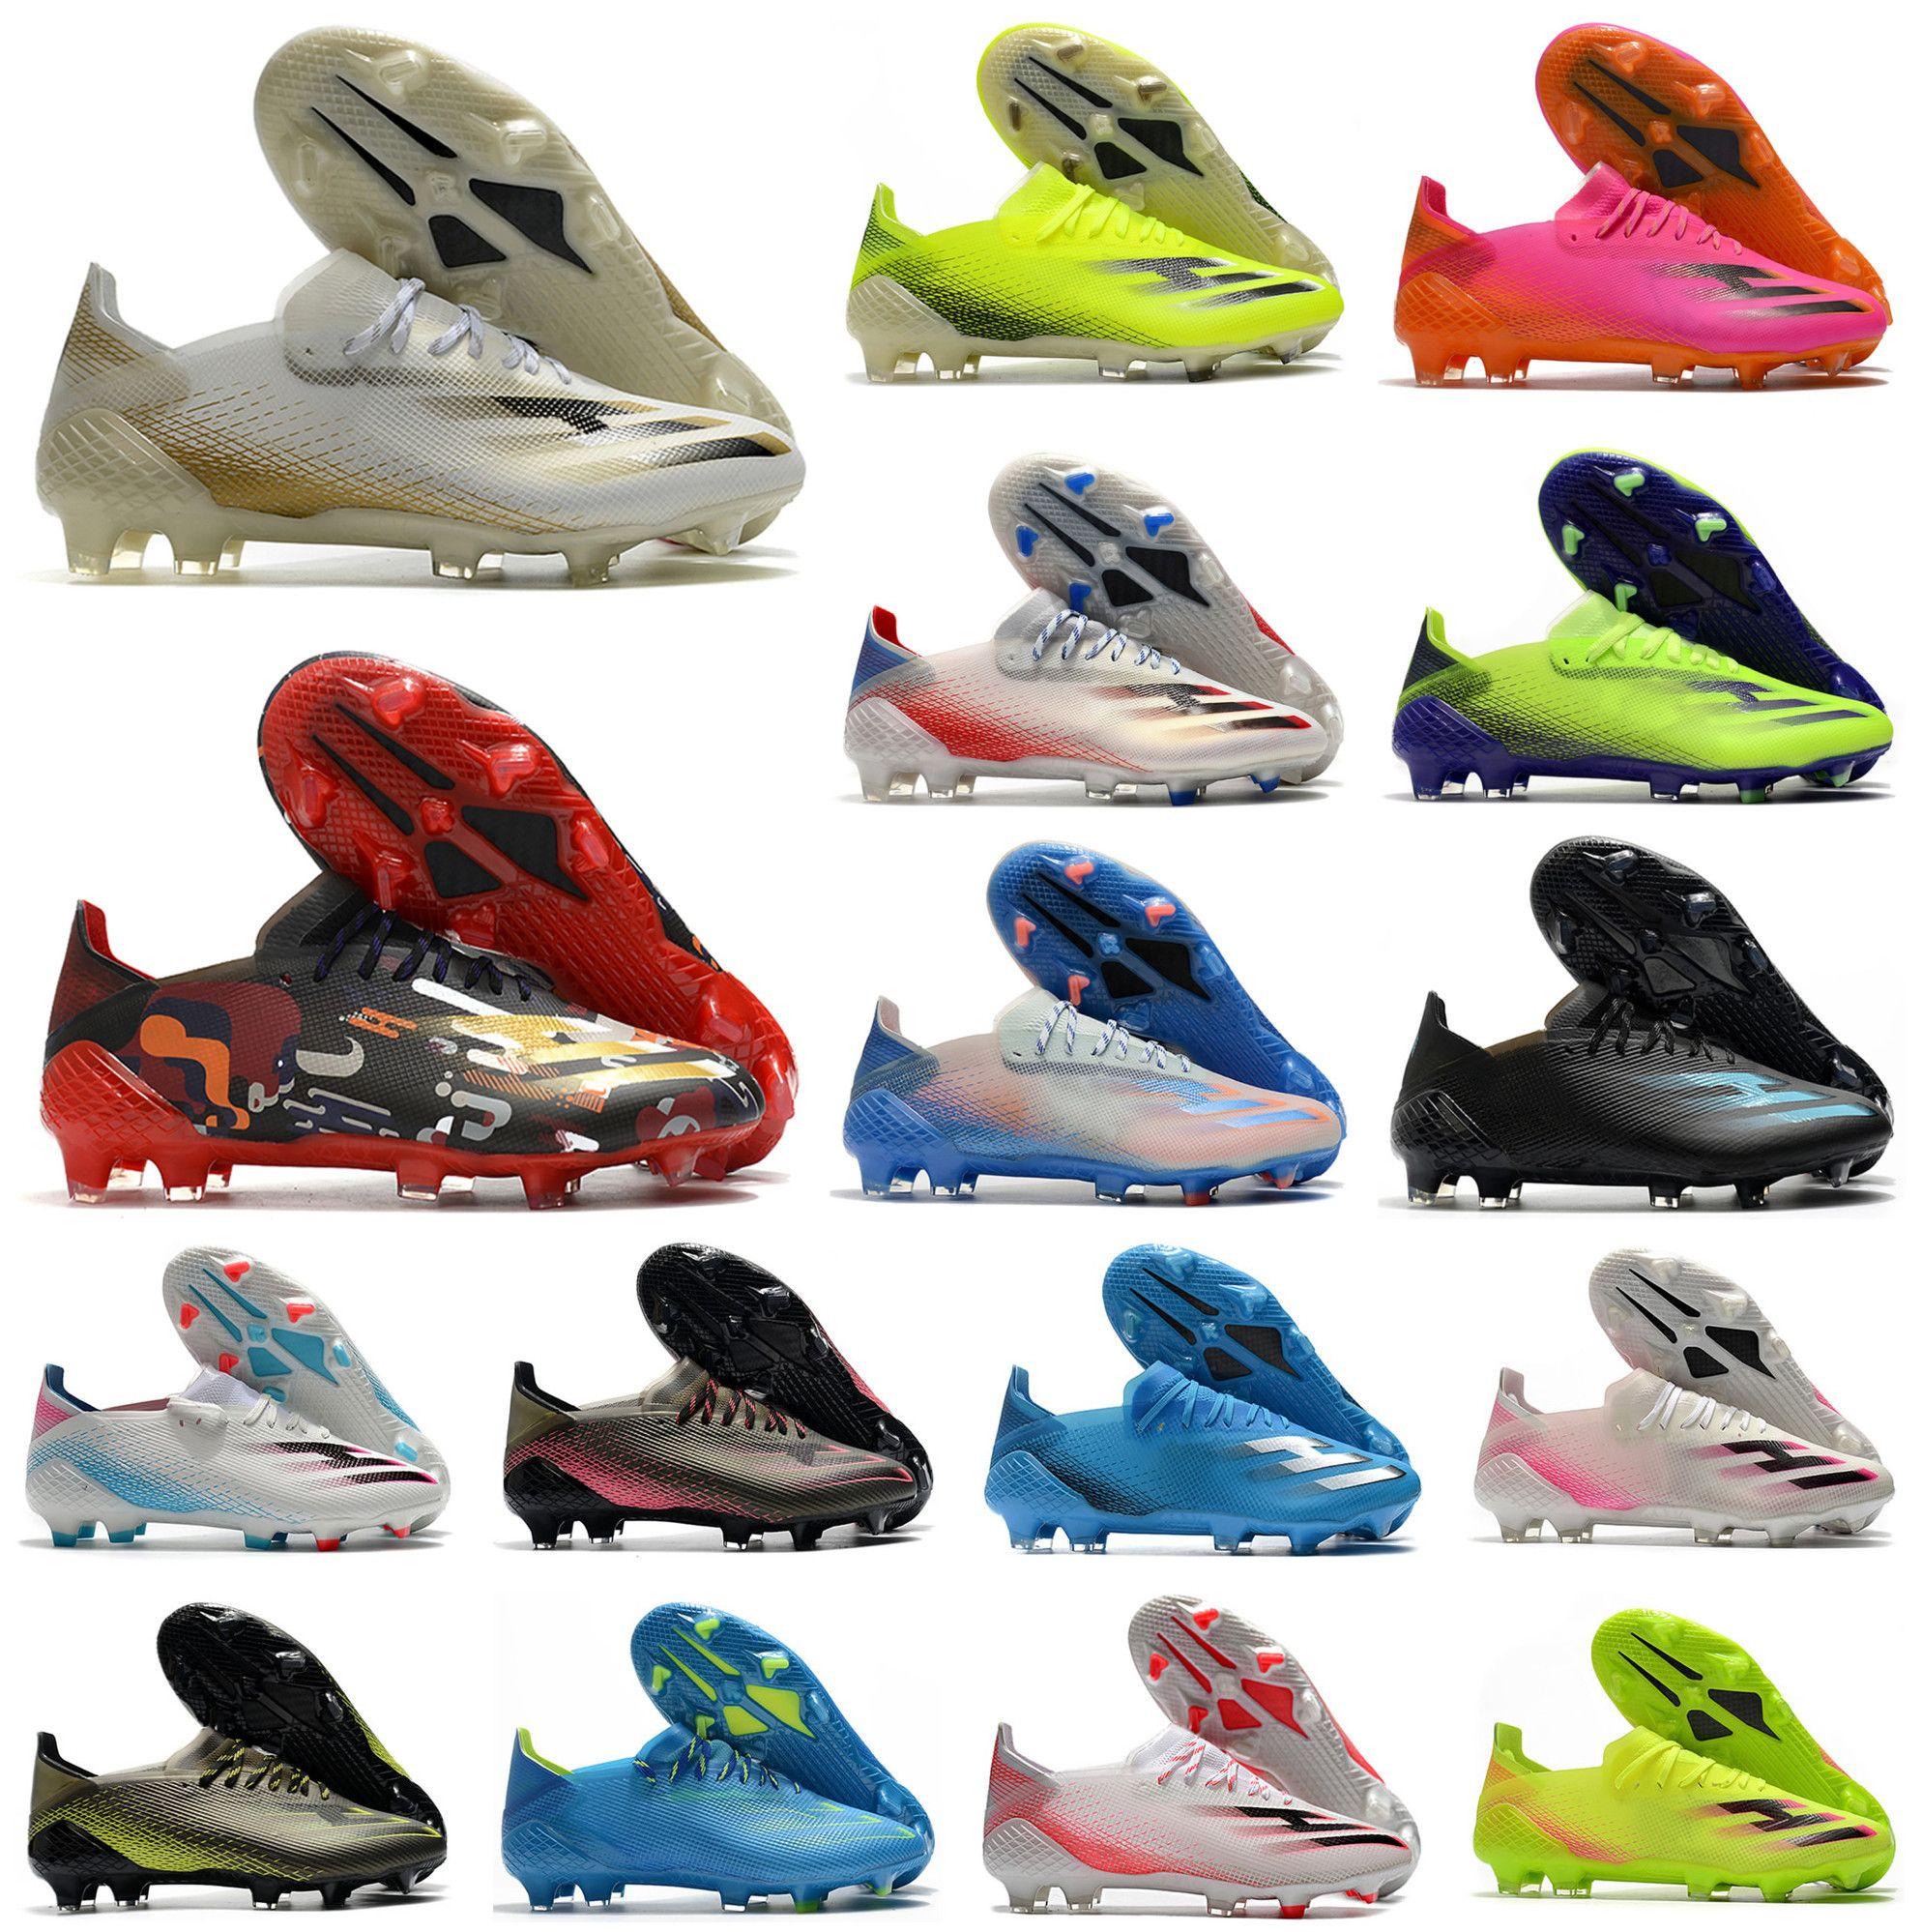 2021 جديد x ghosted.1 الدقة إلى طمس fg رجل النساء الفتيان الشبح .1 الدانتيل متابعة كرة القدم أحذية كرة القدم أحذية كرة القدم المرابط كرة القدم حجم الولايات المتحدة 6.5-11